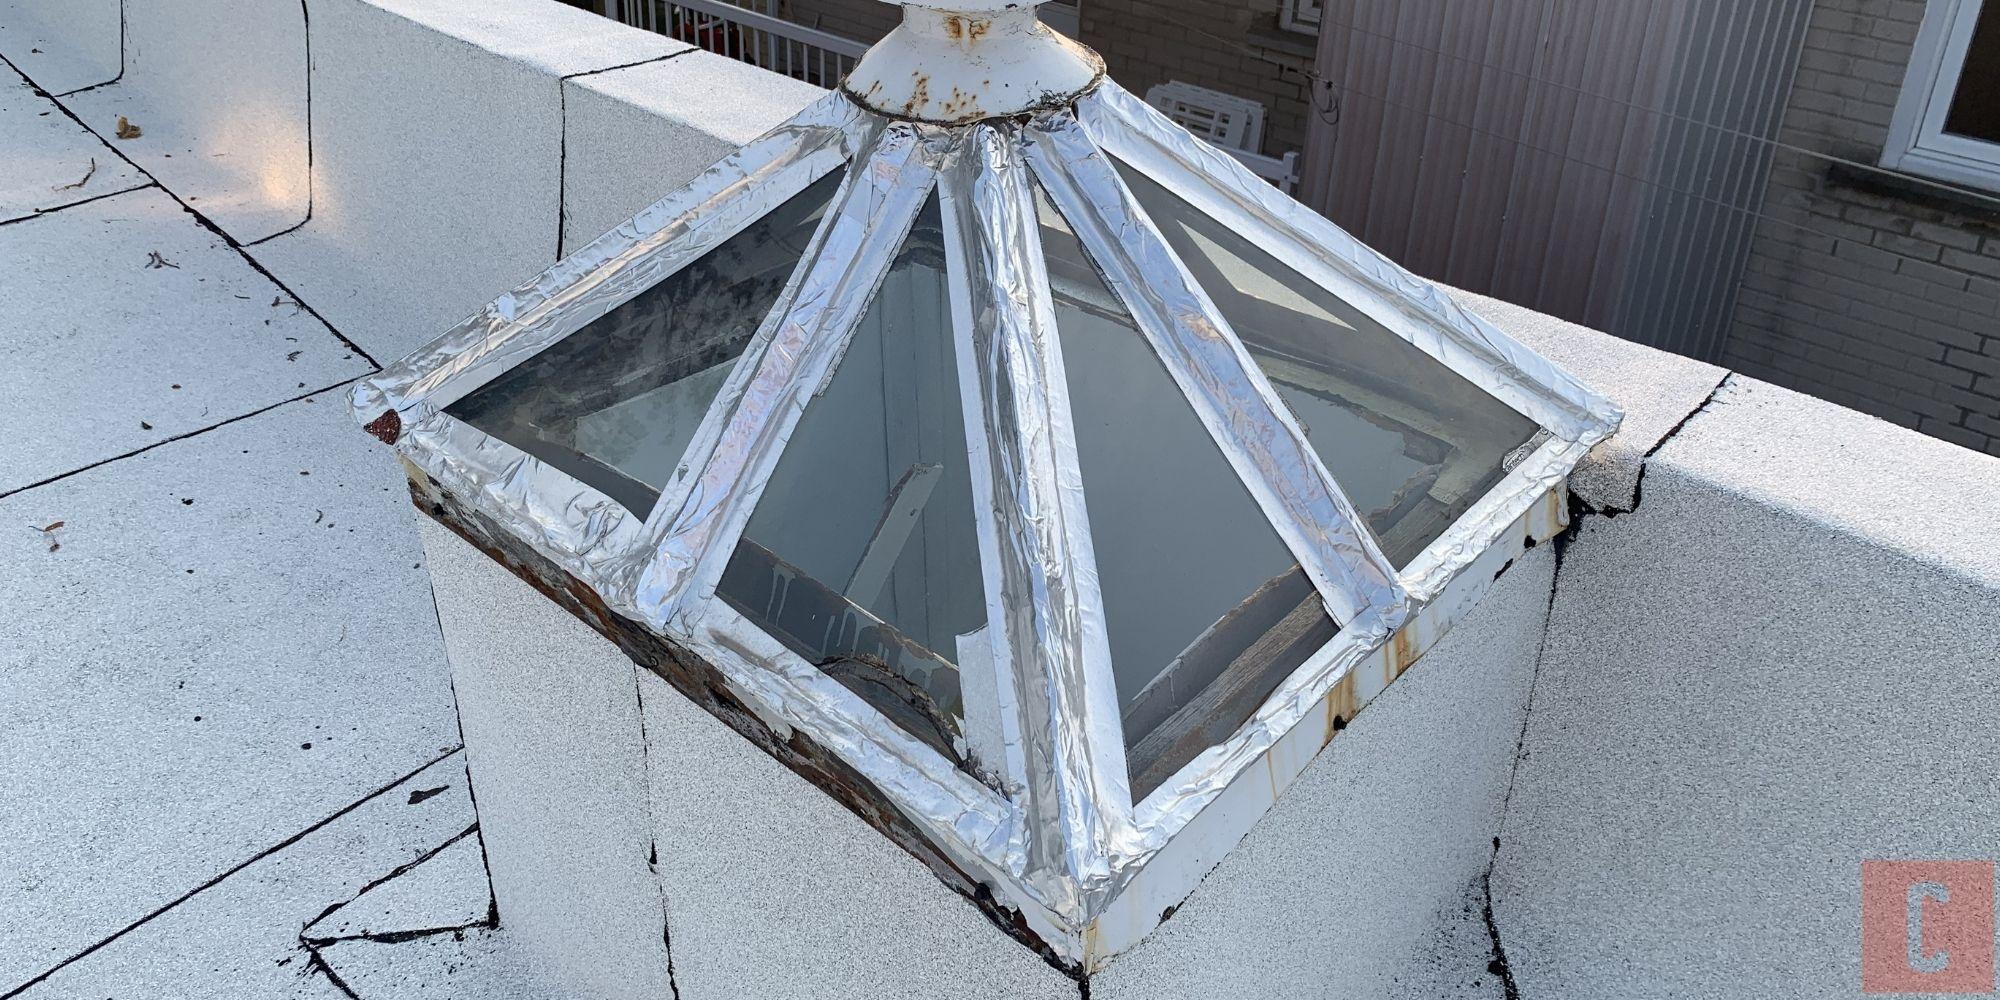 Puits de lumière sur un toit plat